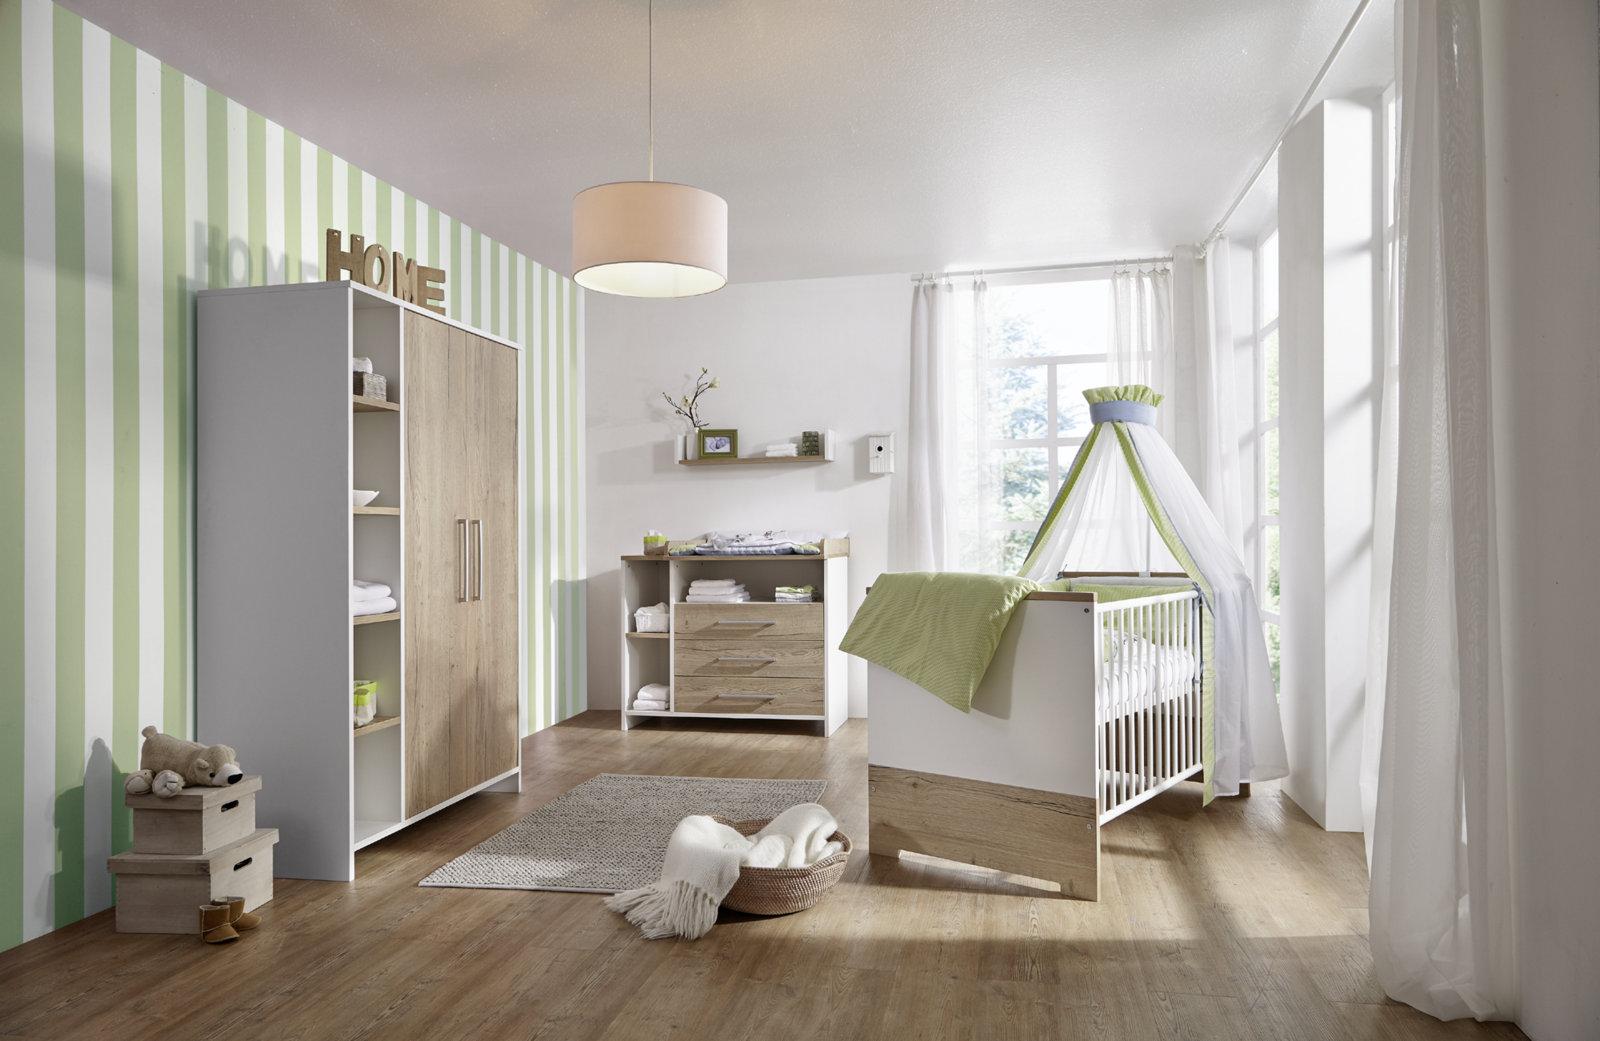 Schardt gmbh co kg kinderzimmer eco plus for Kinderzimmer himmel